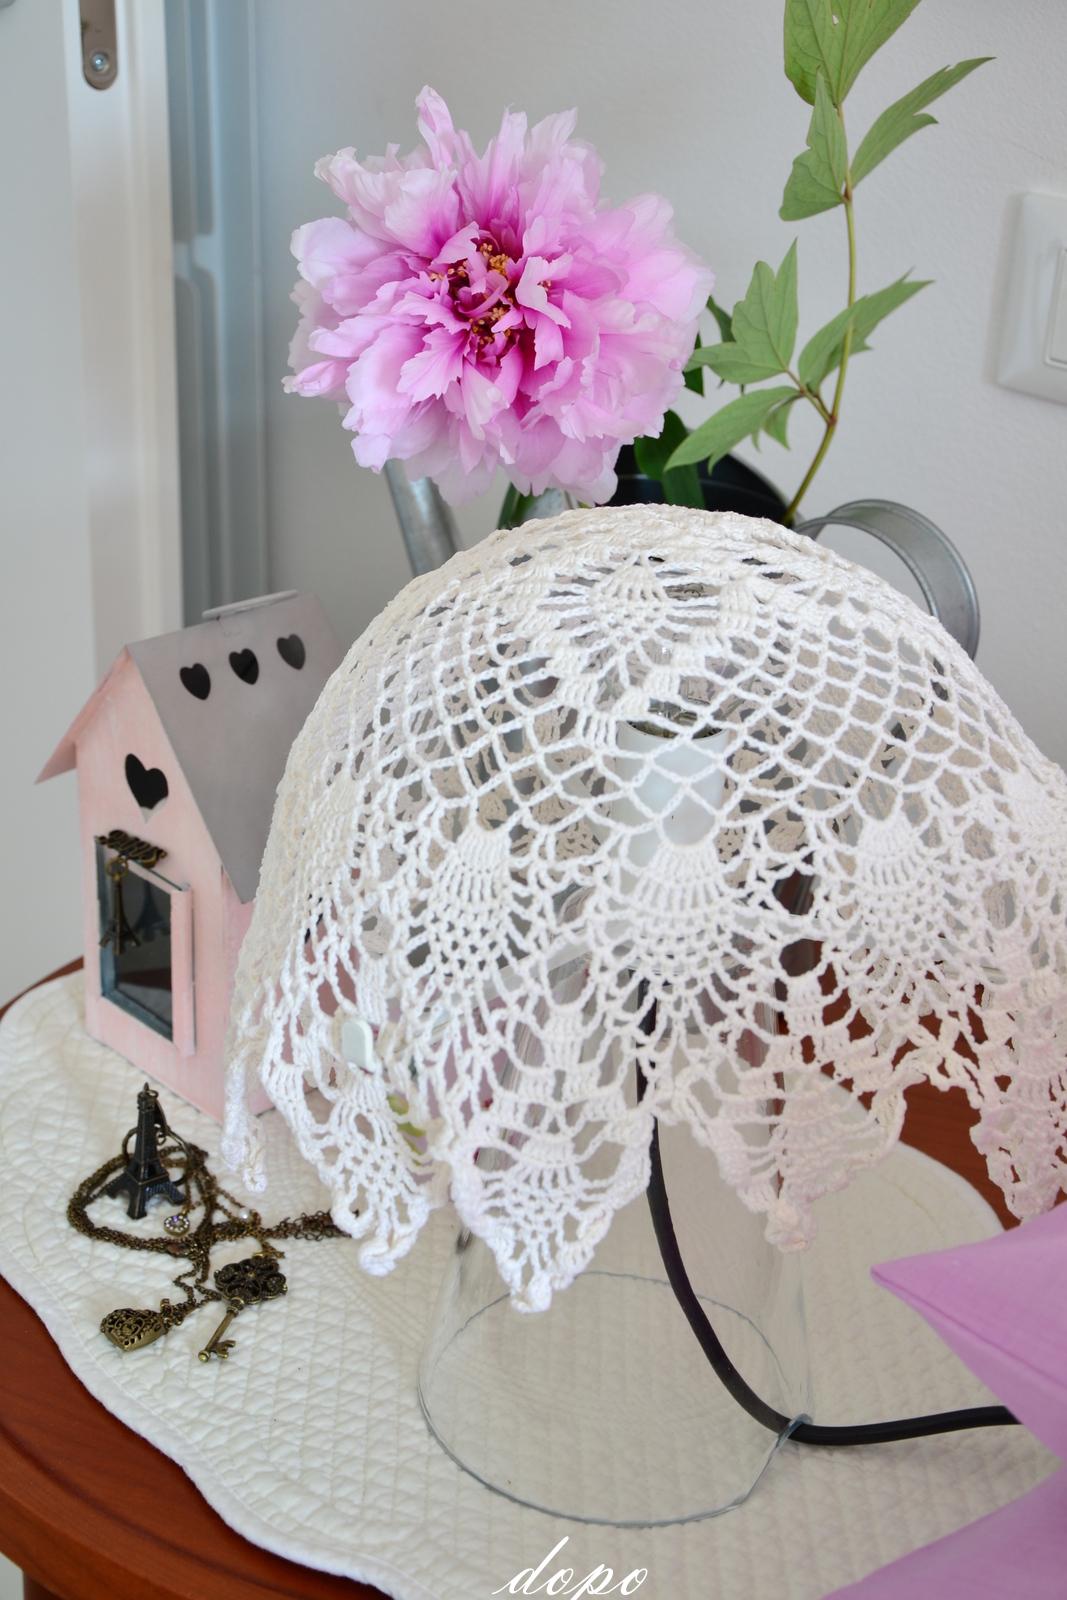 shabbychiclife: Come recuperare una lampada